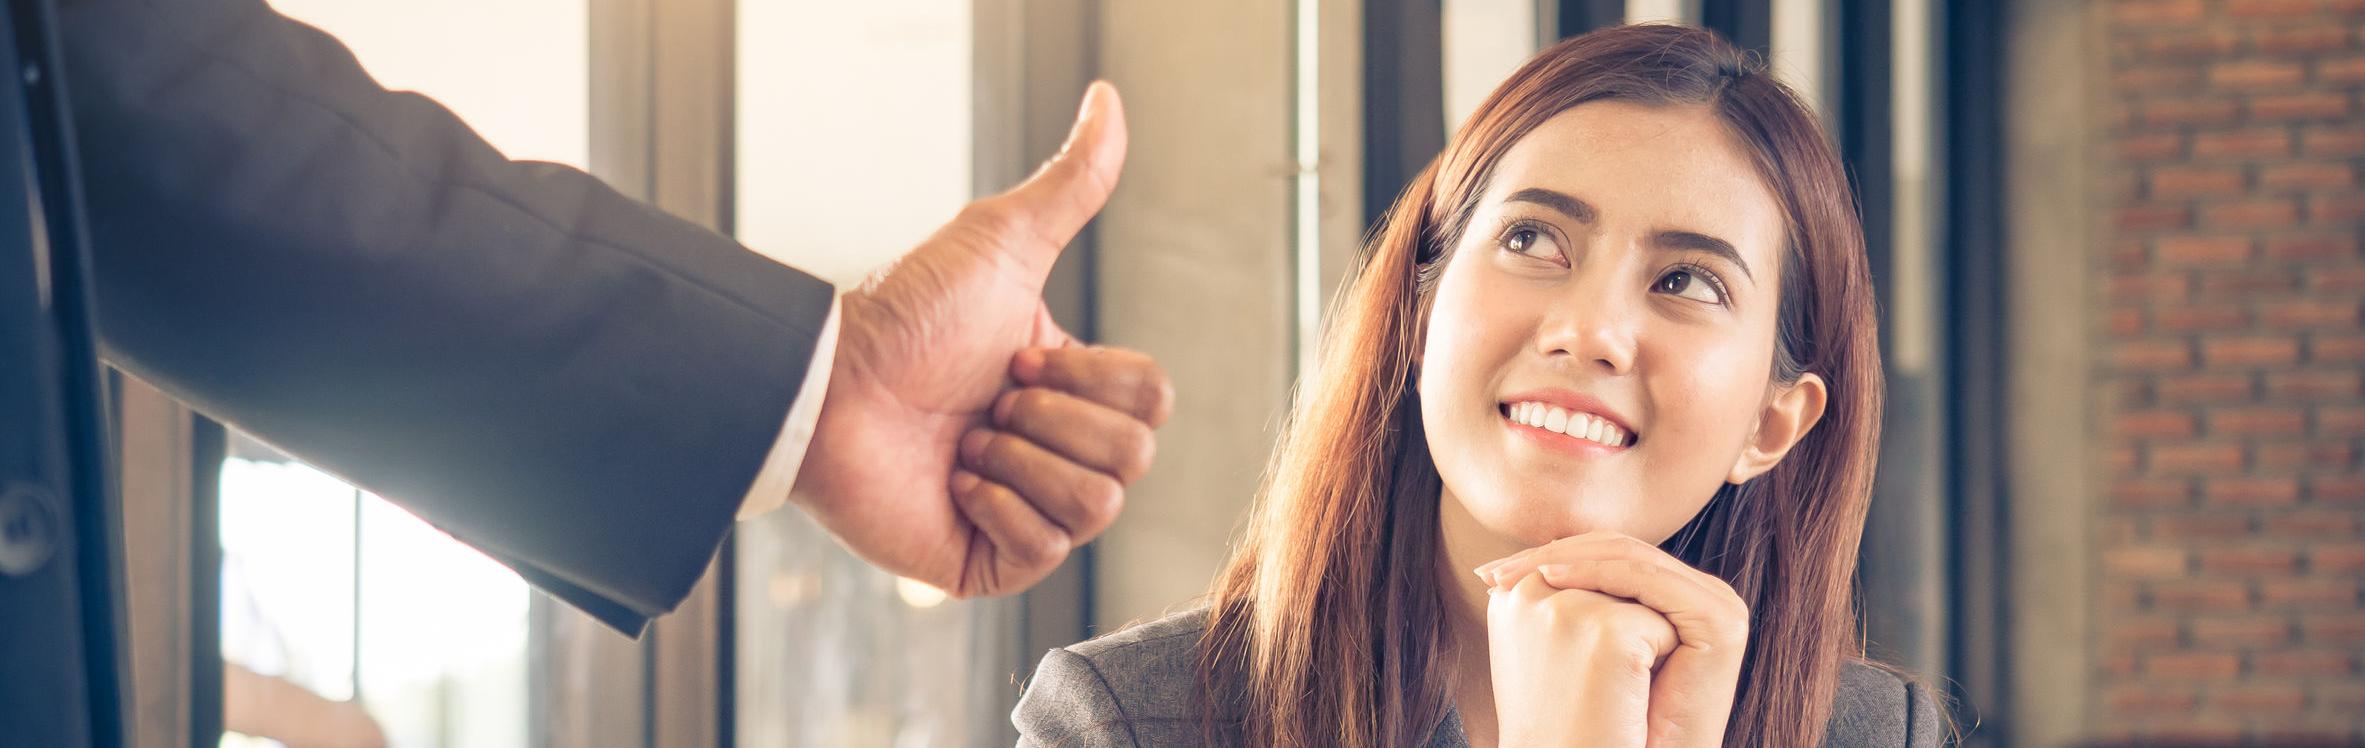 30.10.2019: Erfolgsfaktor Wertschätzung – Kooperativ & Konsequent